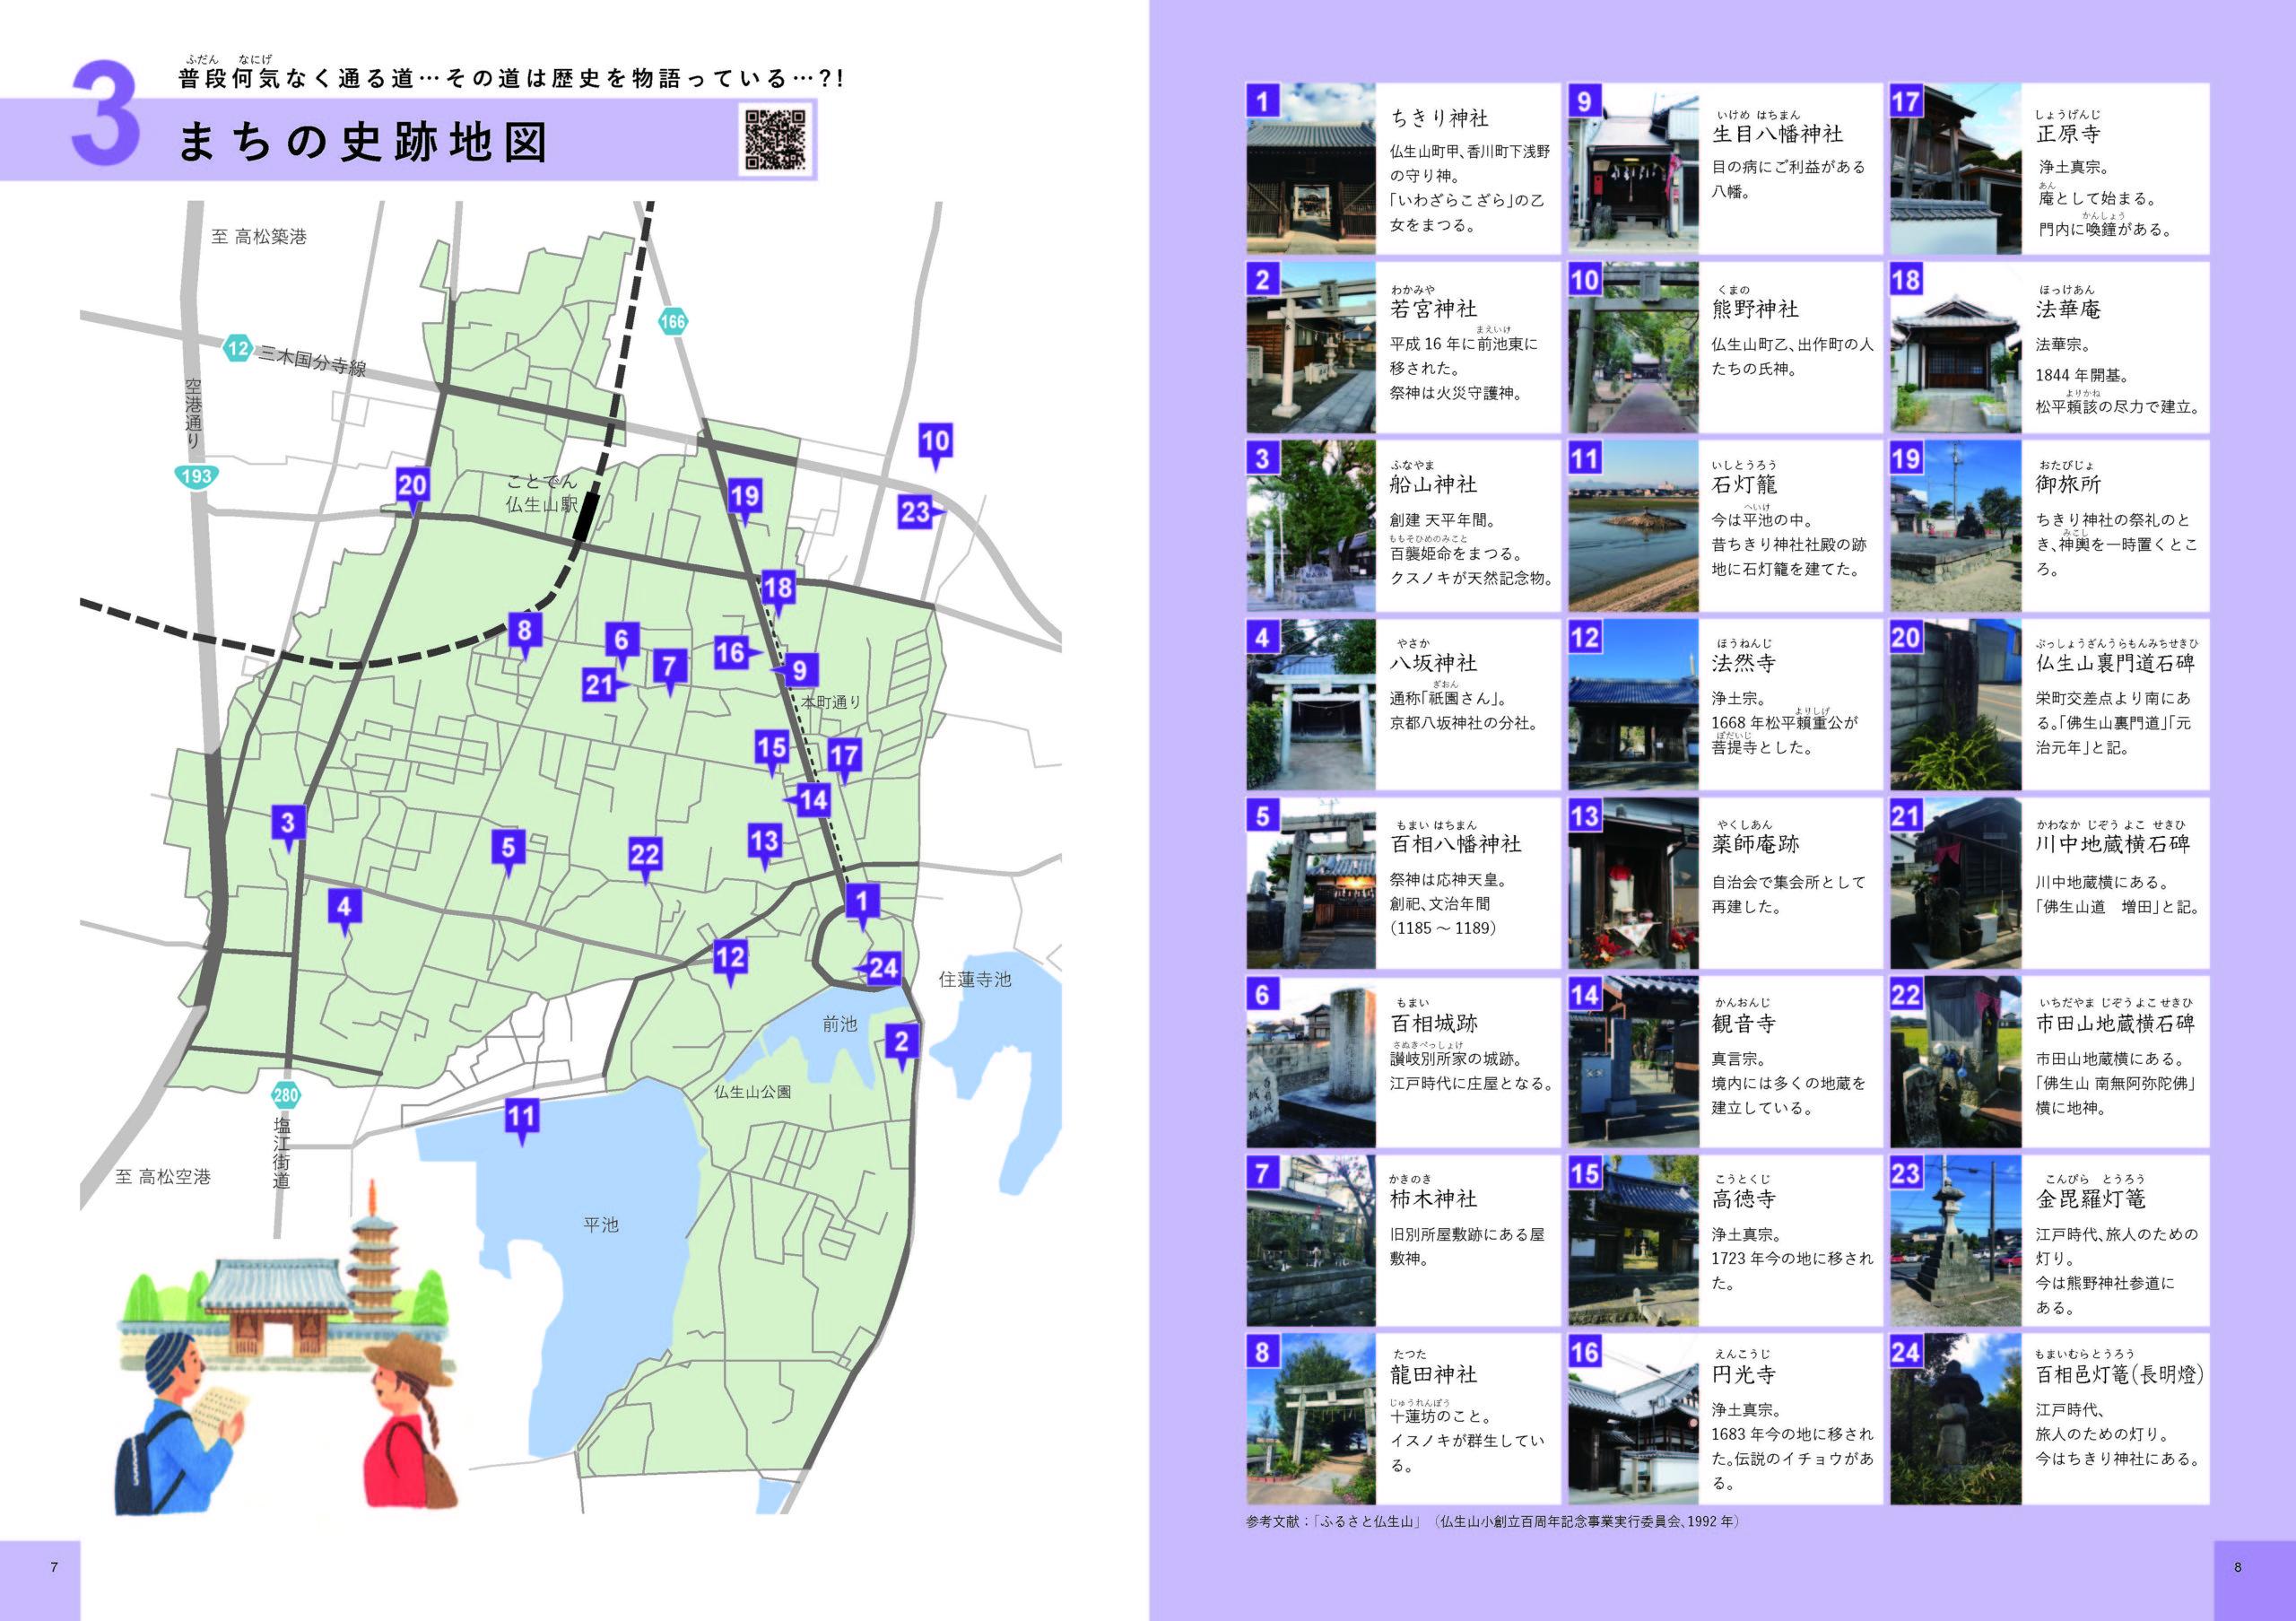 仏生山みんなの地図P5